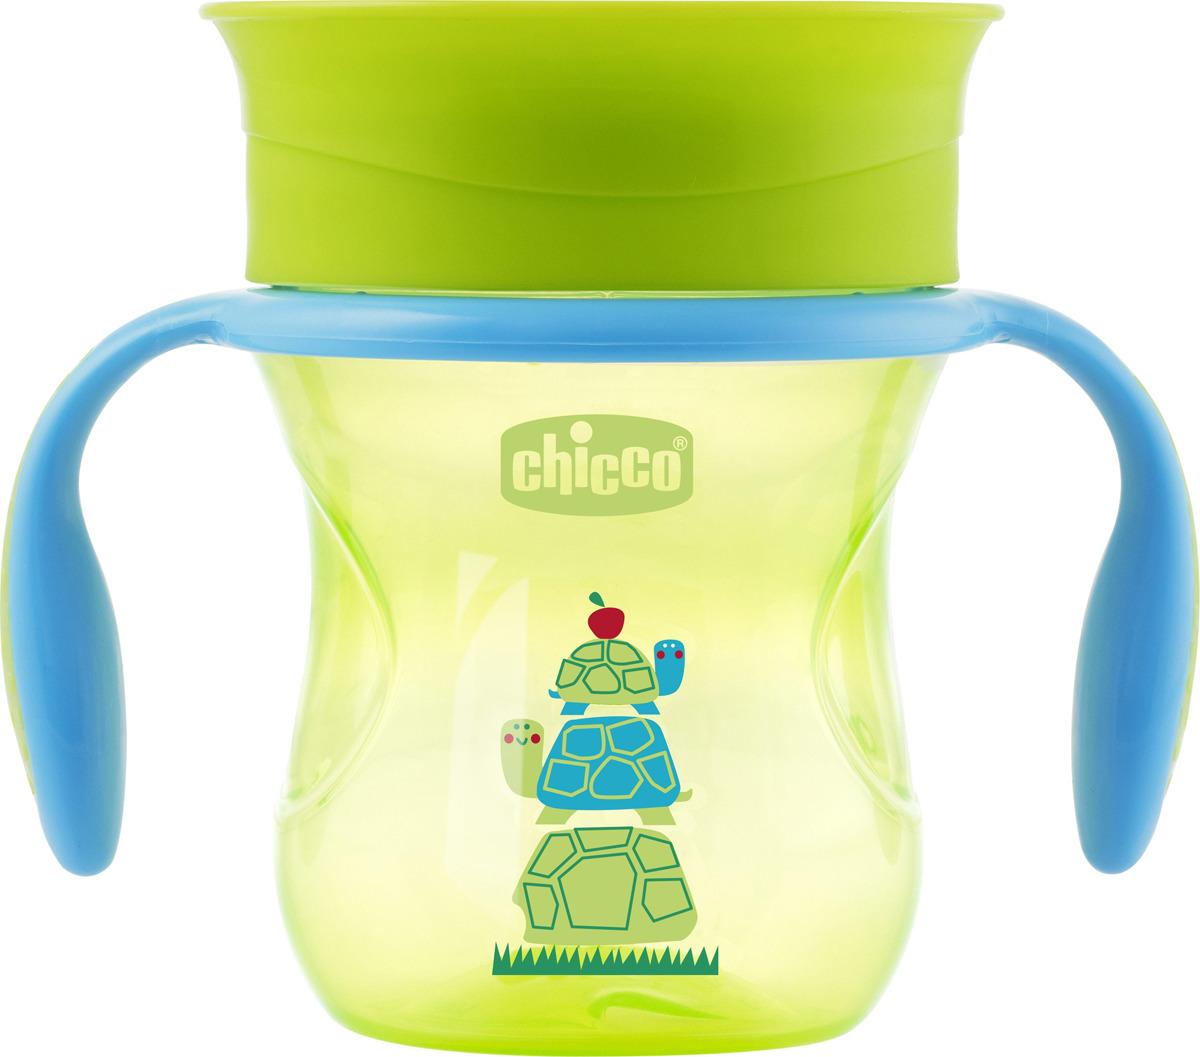 Фото - Чашка-поильник Chicco Perfect Cup, цвет зеленый, 200 мл [супермаркет] jingdong геб scybe фил приблизительно круглая чашка установлена в вертикальном положении стеклянной чашки 290мла 6 z